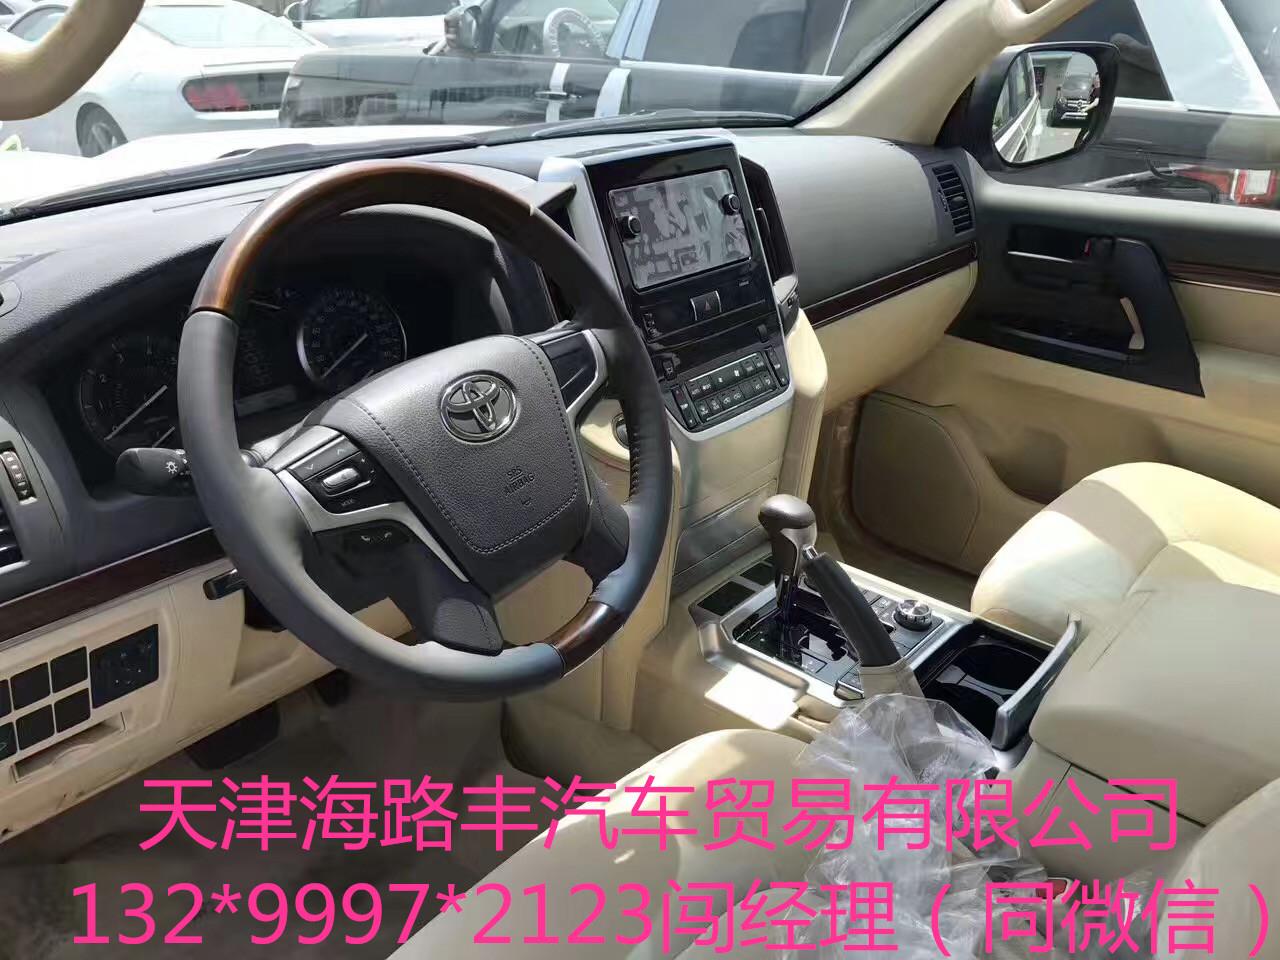 52568457f503cc49.jpg